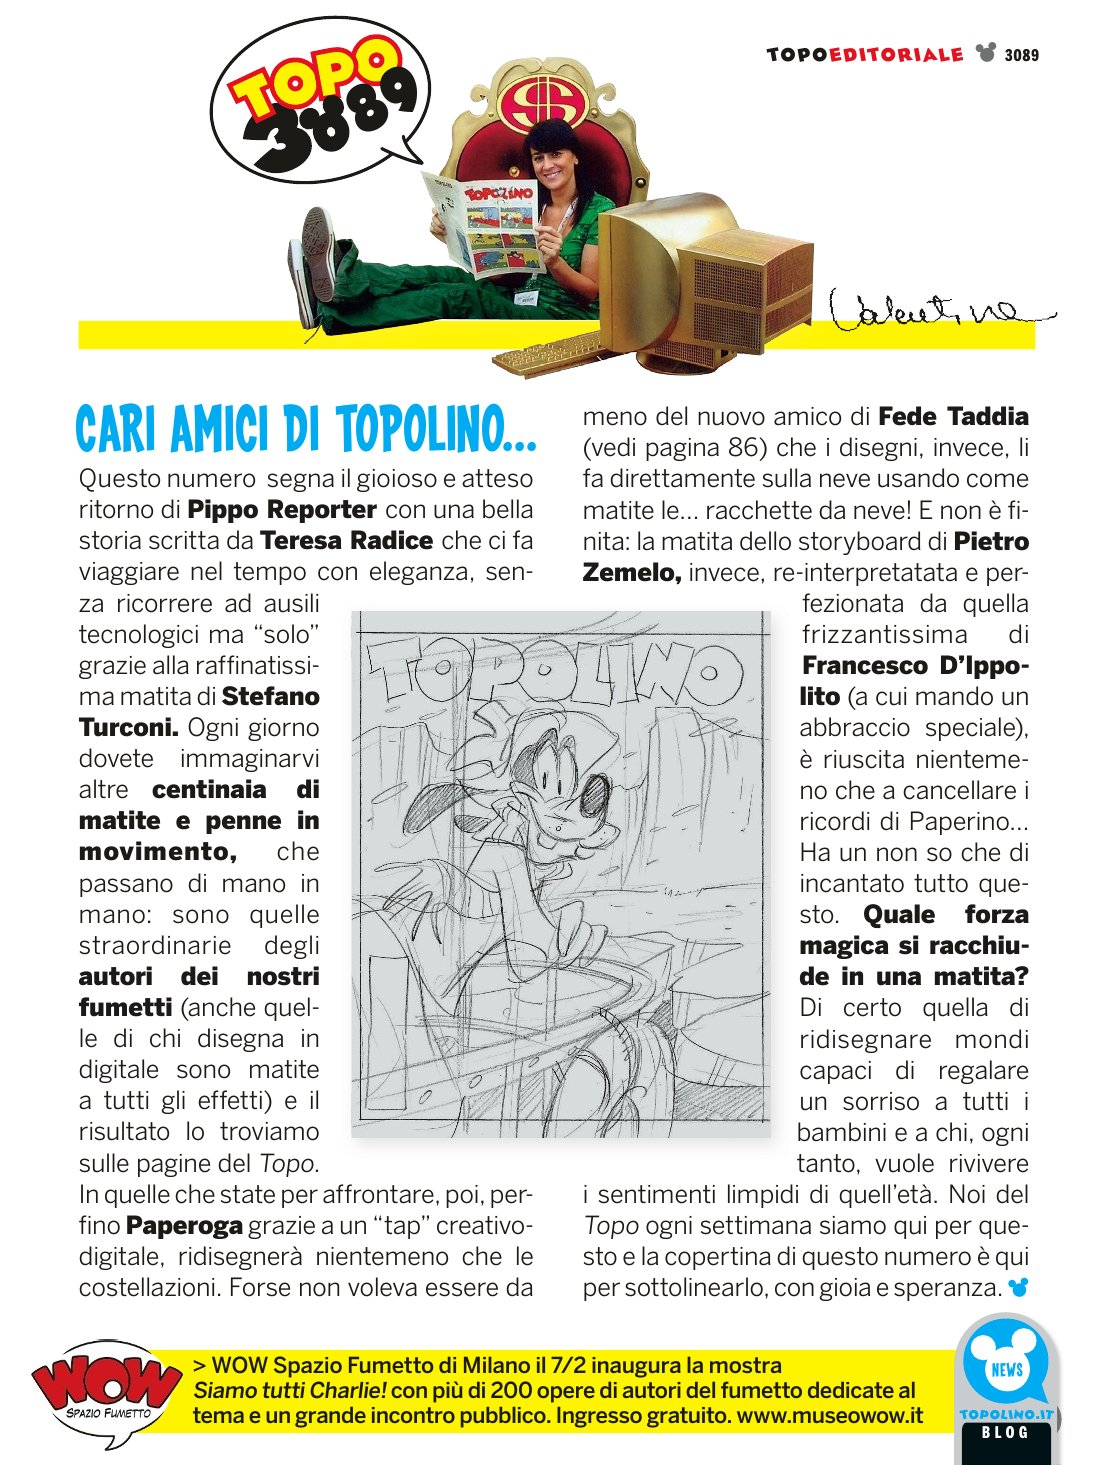 Editoriale stampato su Topolino 3089